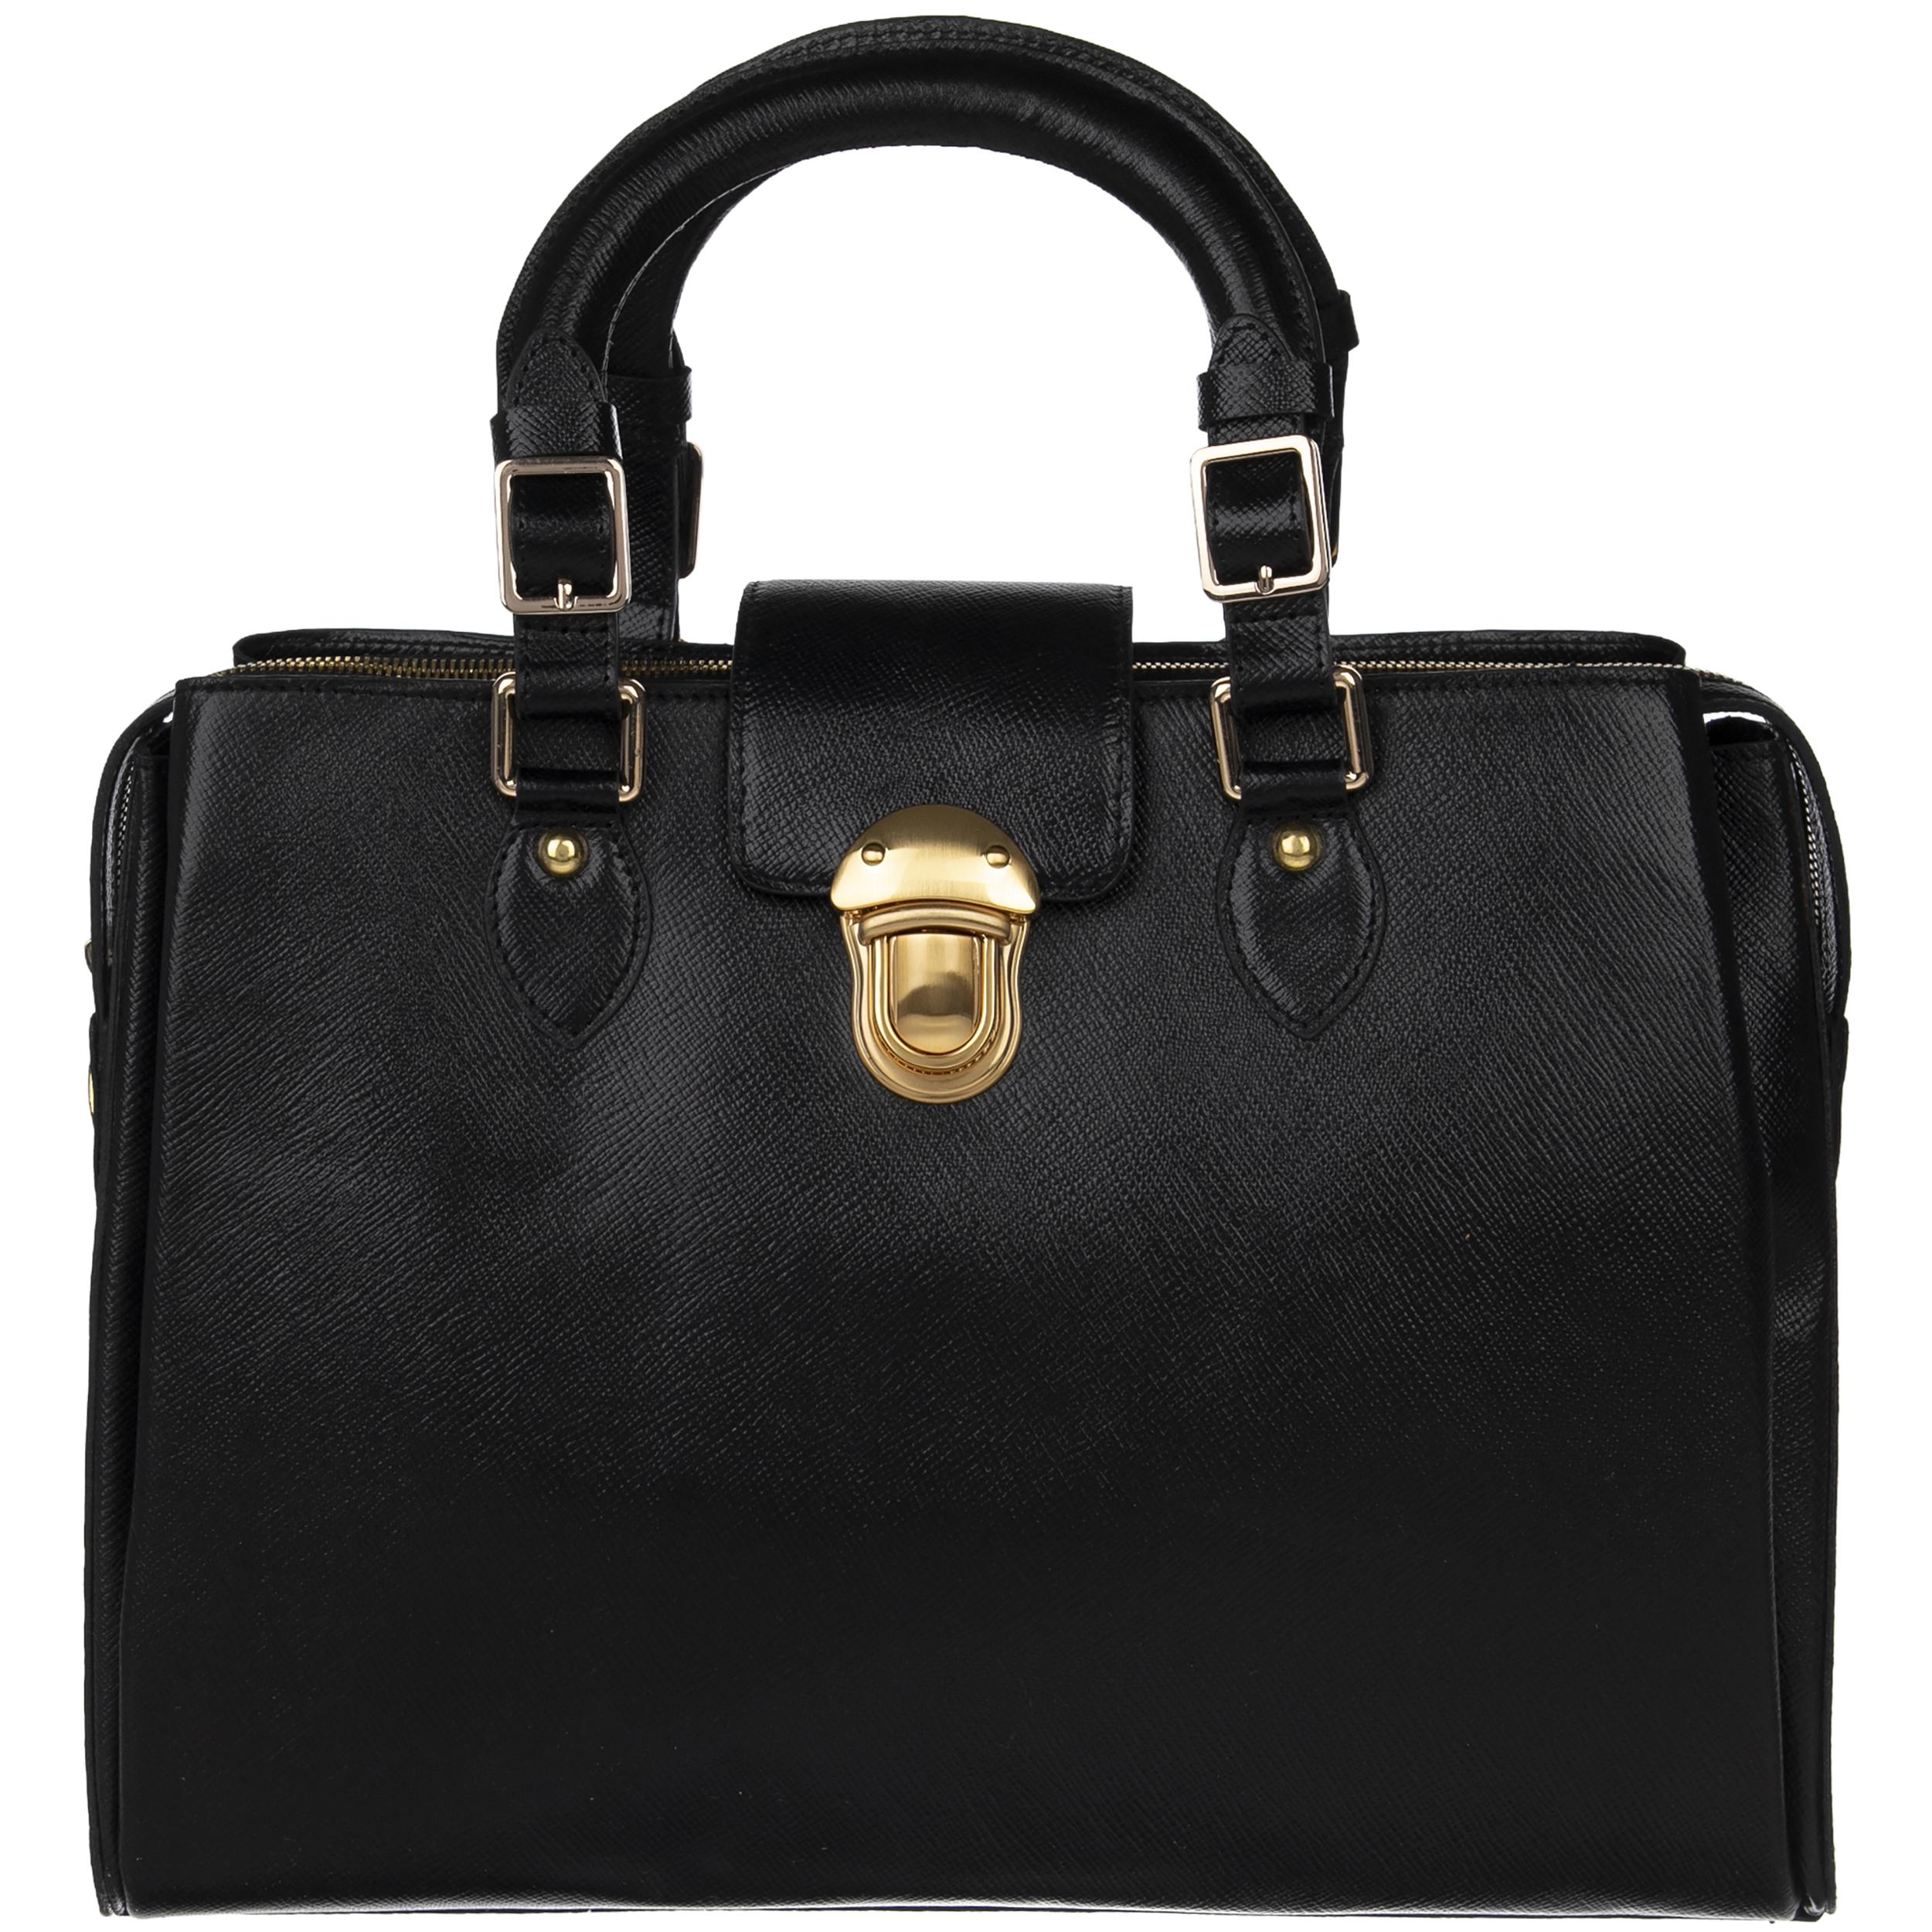 قیمت کیف دستی زنانه عالیخان مدل 565-001